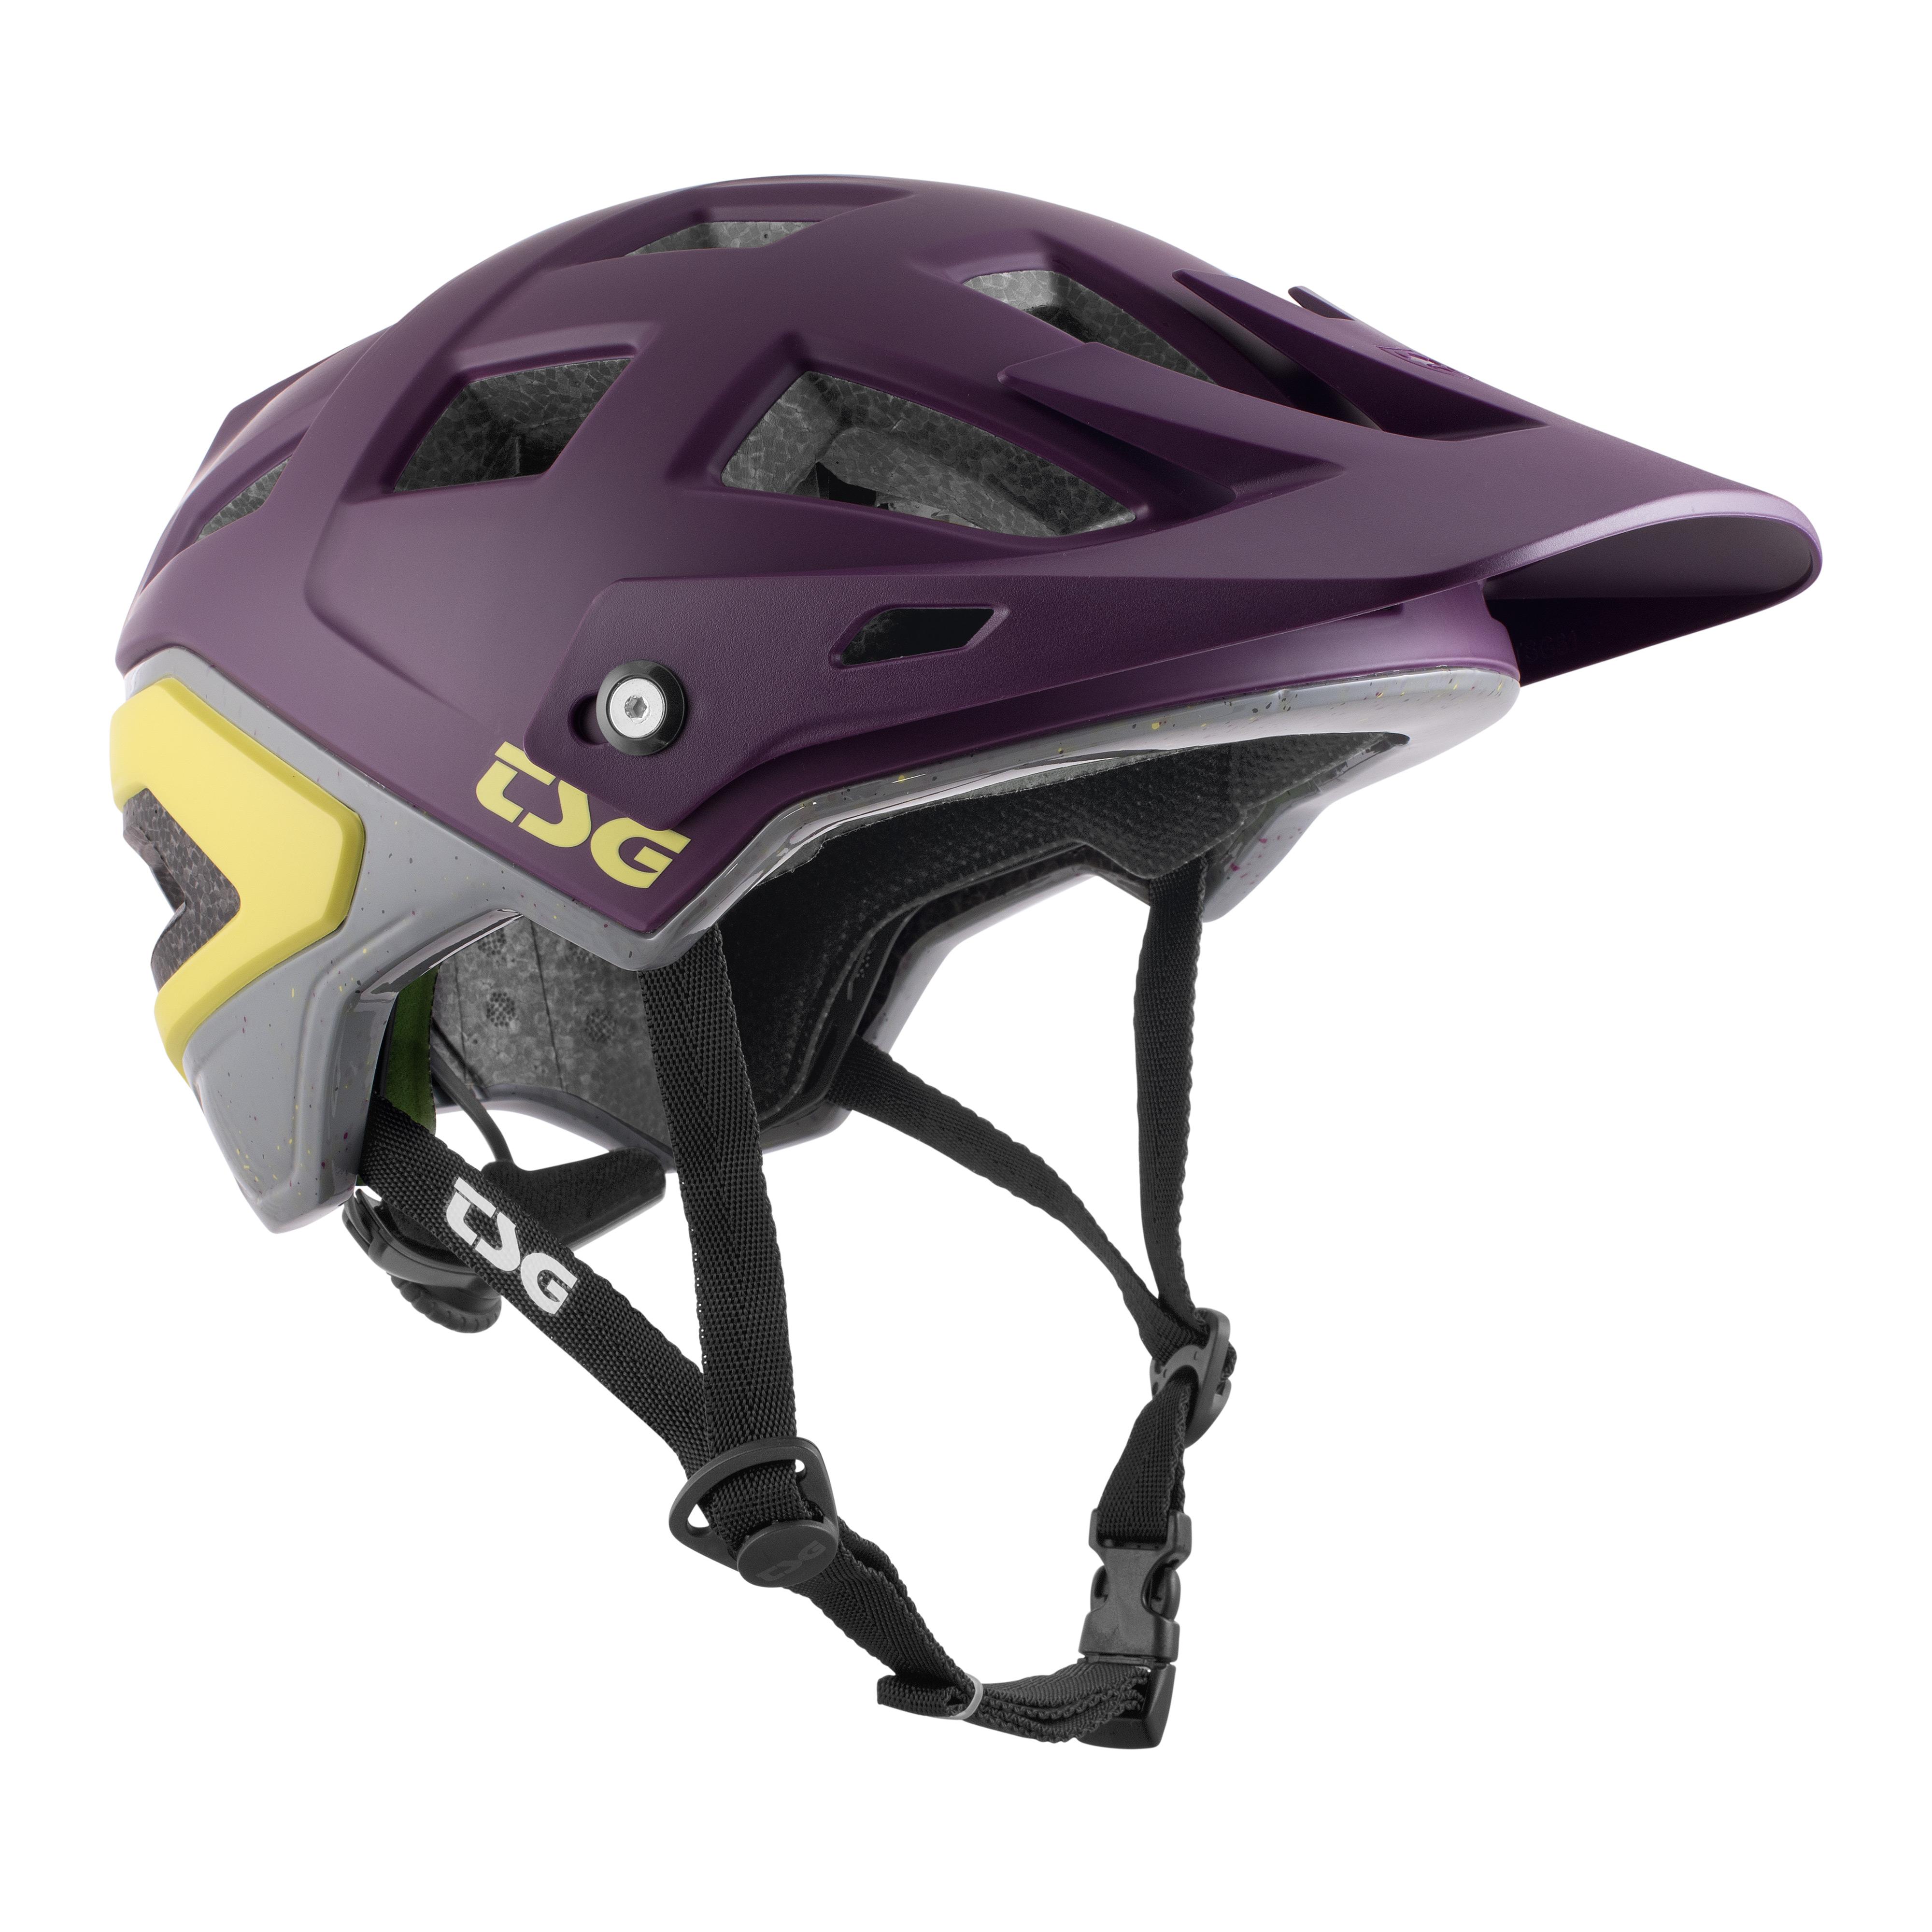 Přilba TSG Skate/BMX Injected Color olivová, L / XL